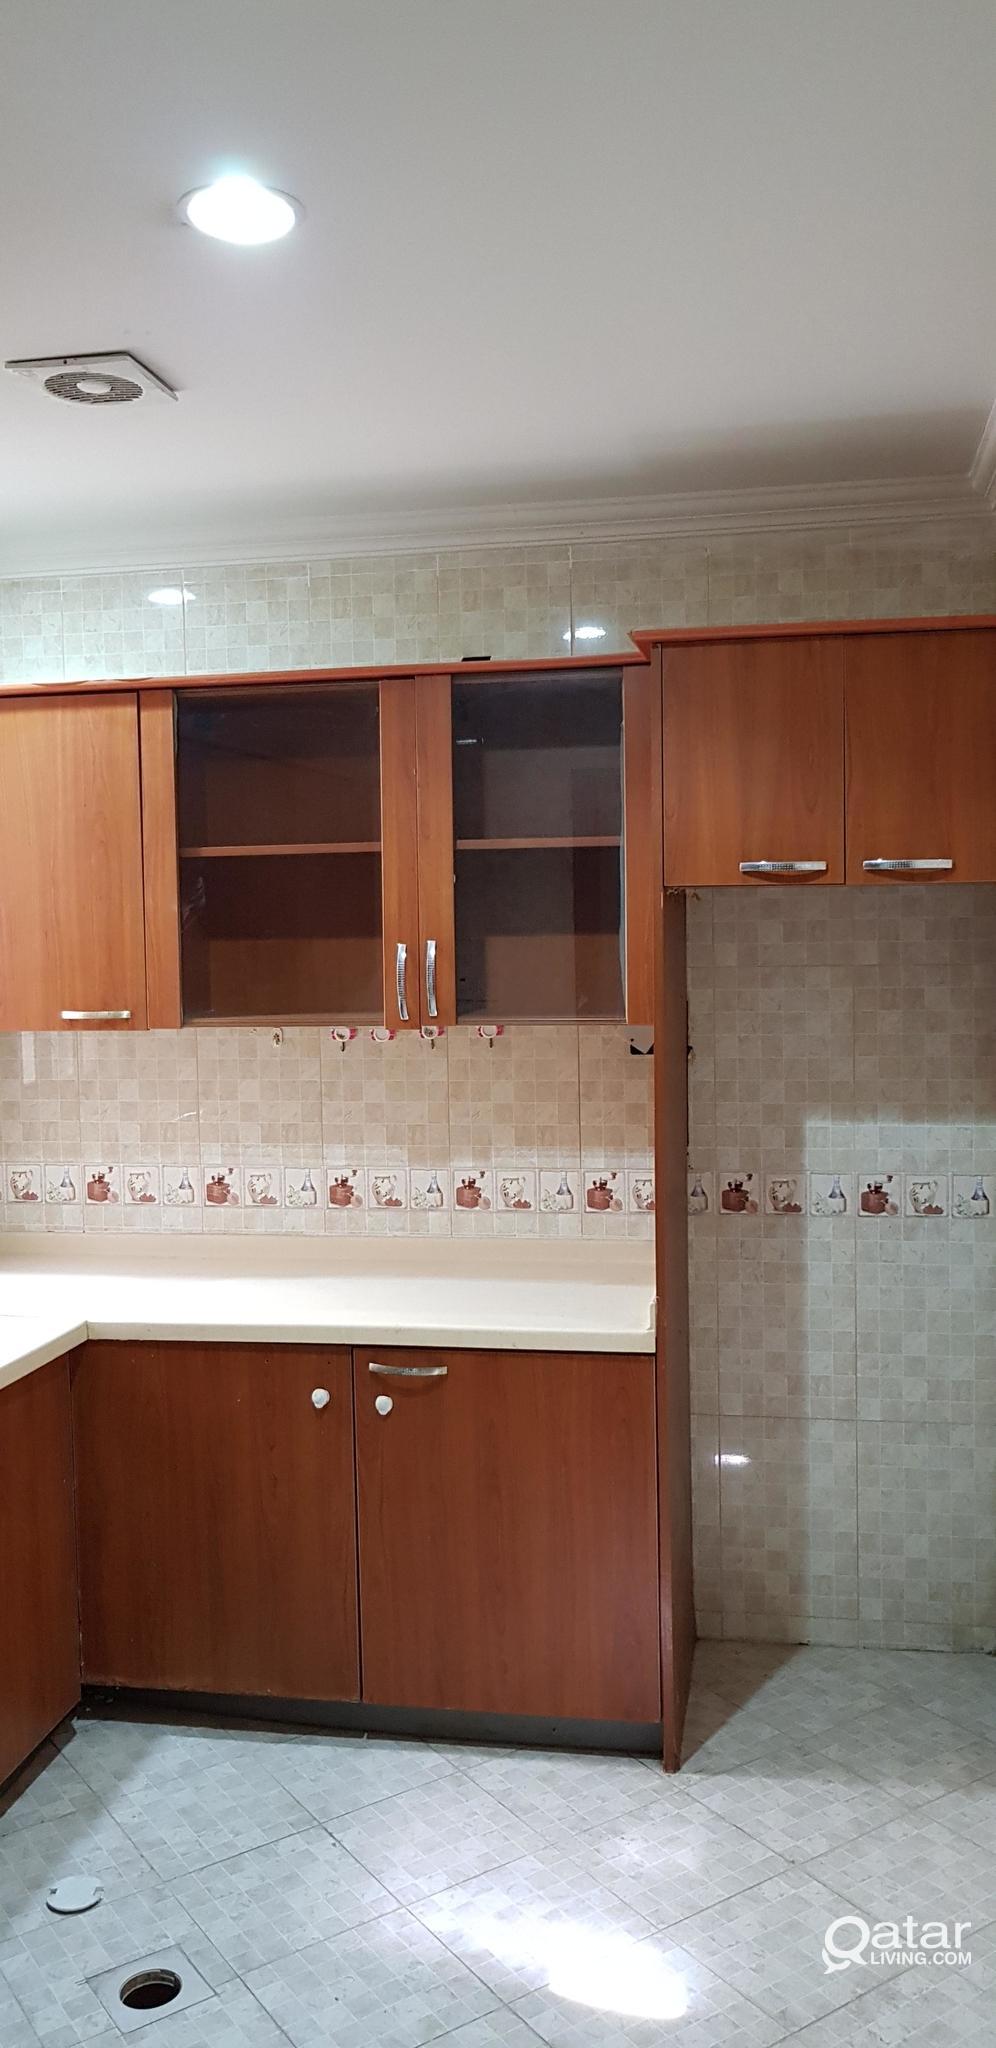 Apartment at alsad 2bhk behind meilenium hotel 400